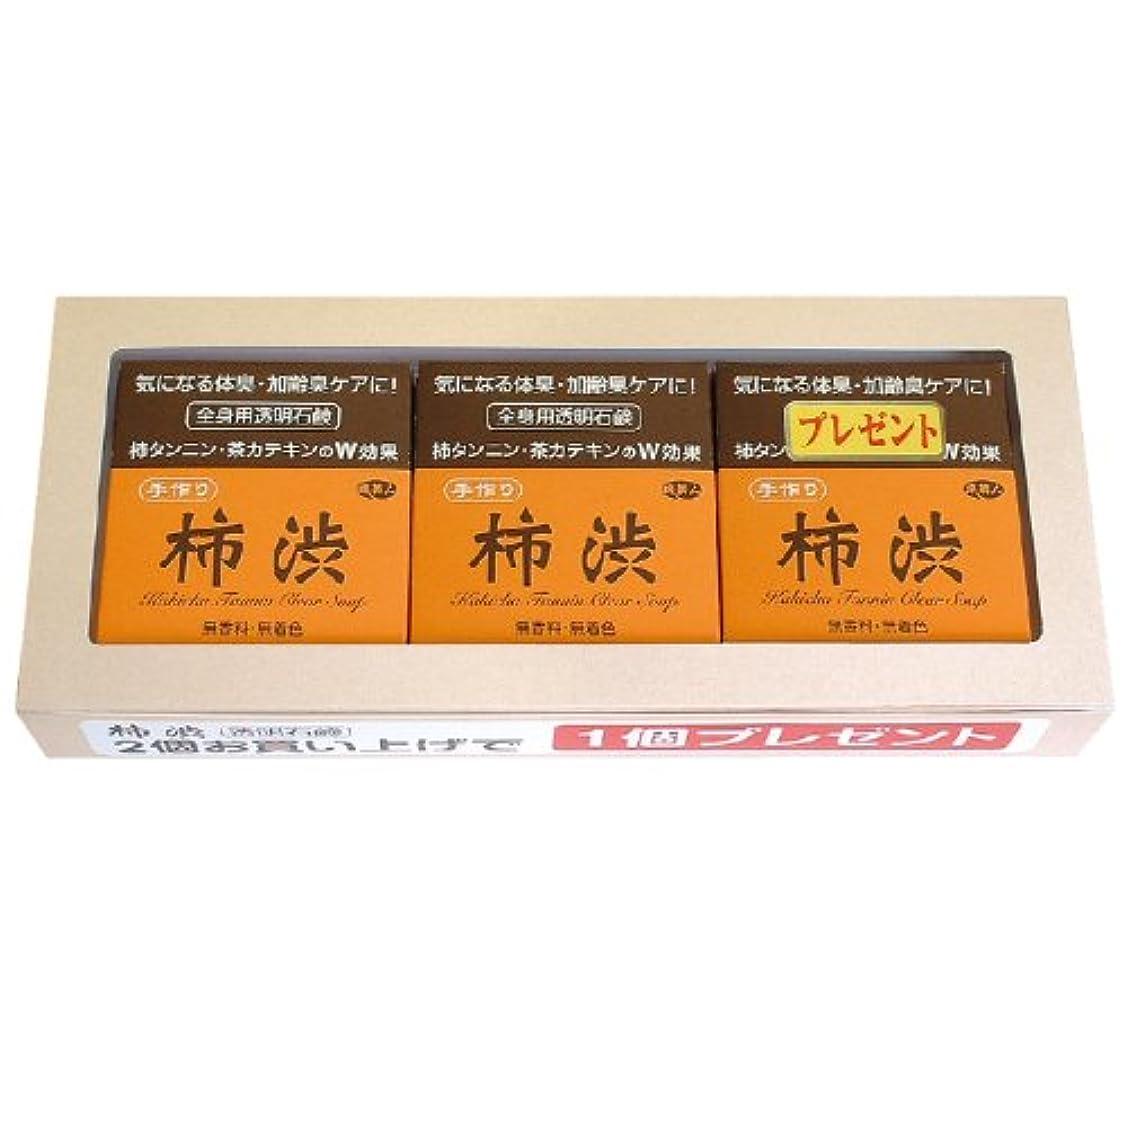 すり検体壮大アズマ商事の 柿渋透明石鹸 2個の値段で3個入りセット